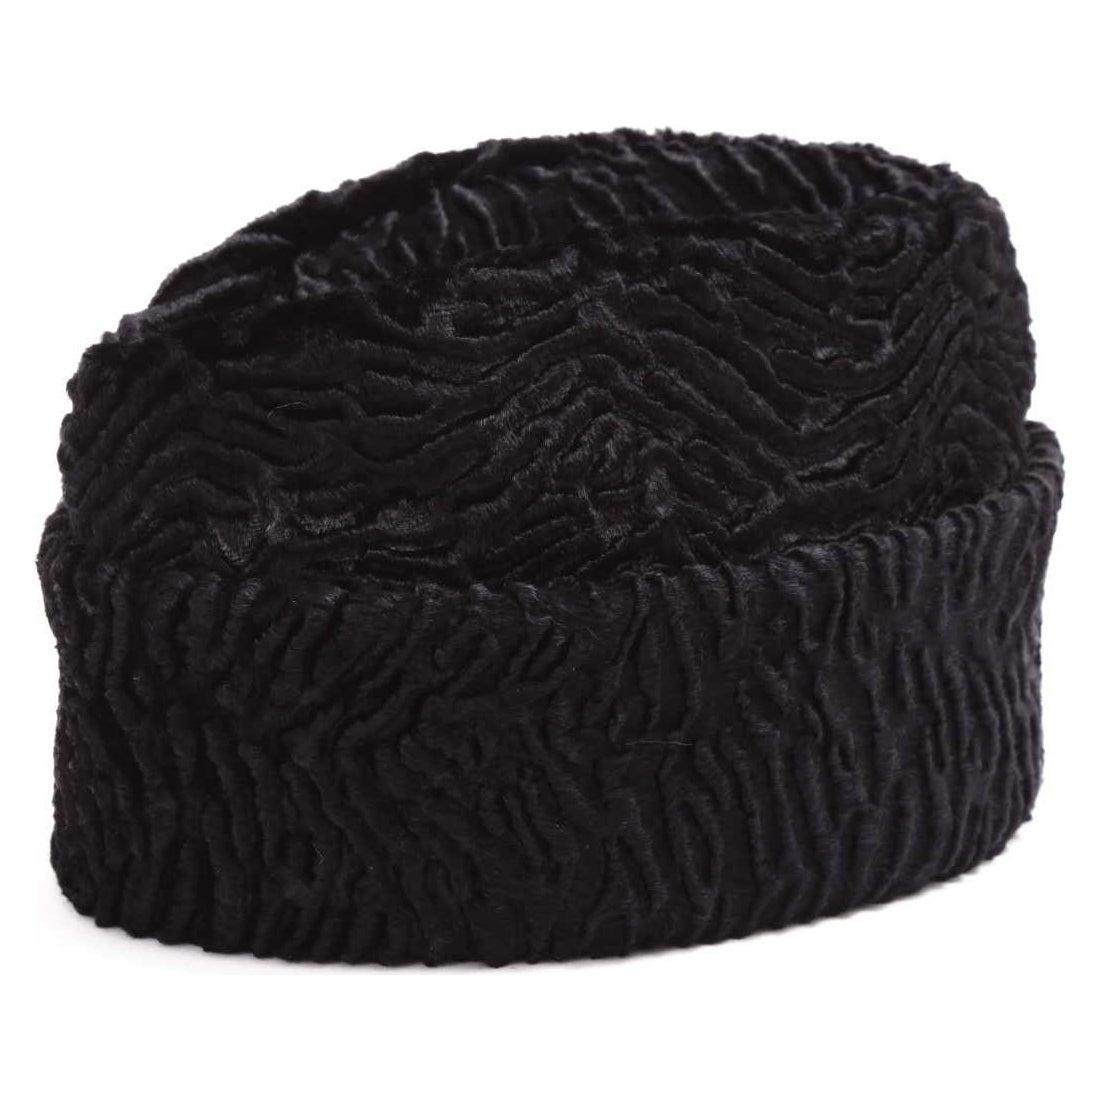 凹凸ニット帽BLACK1